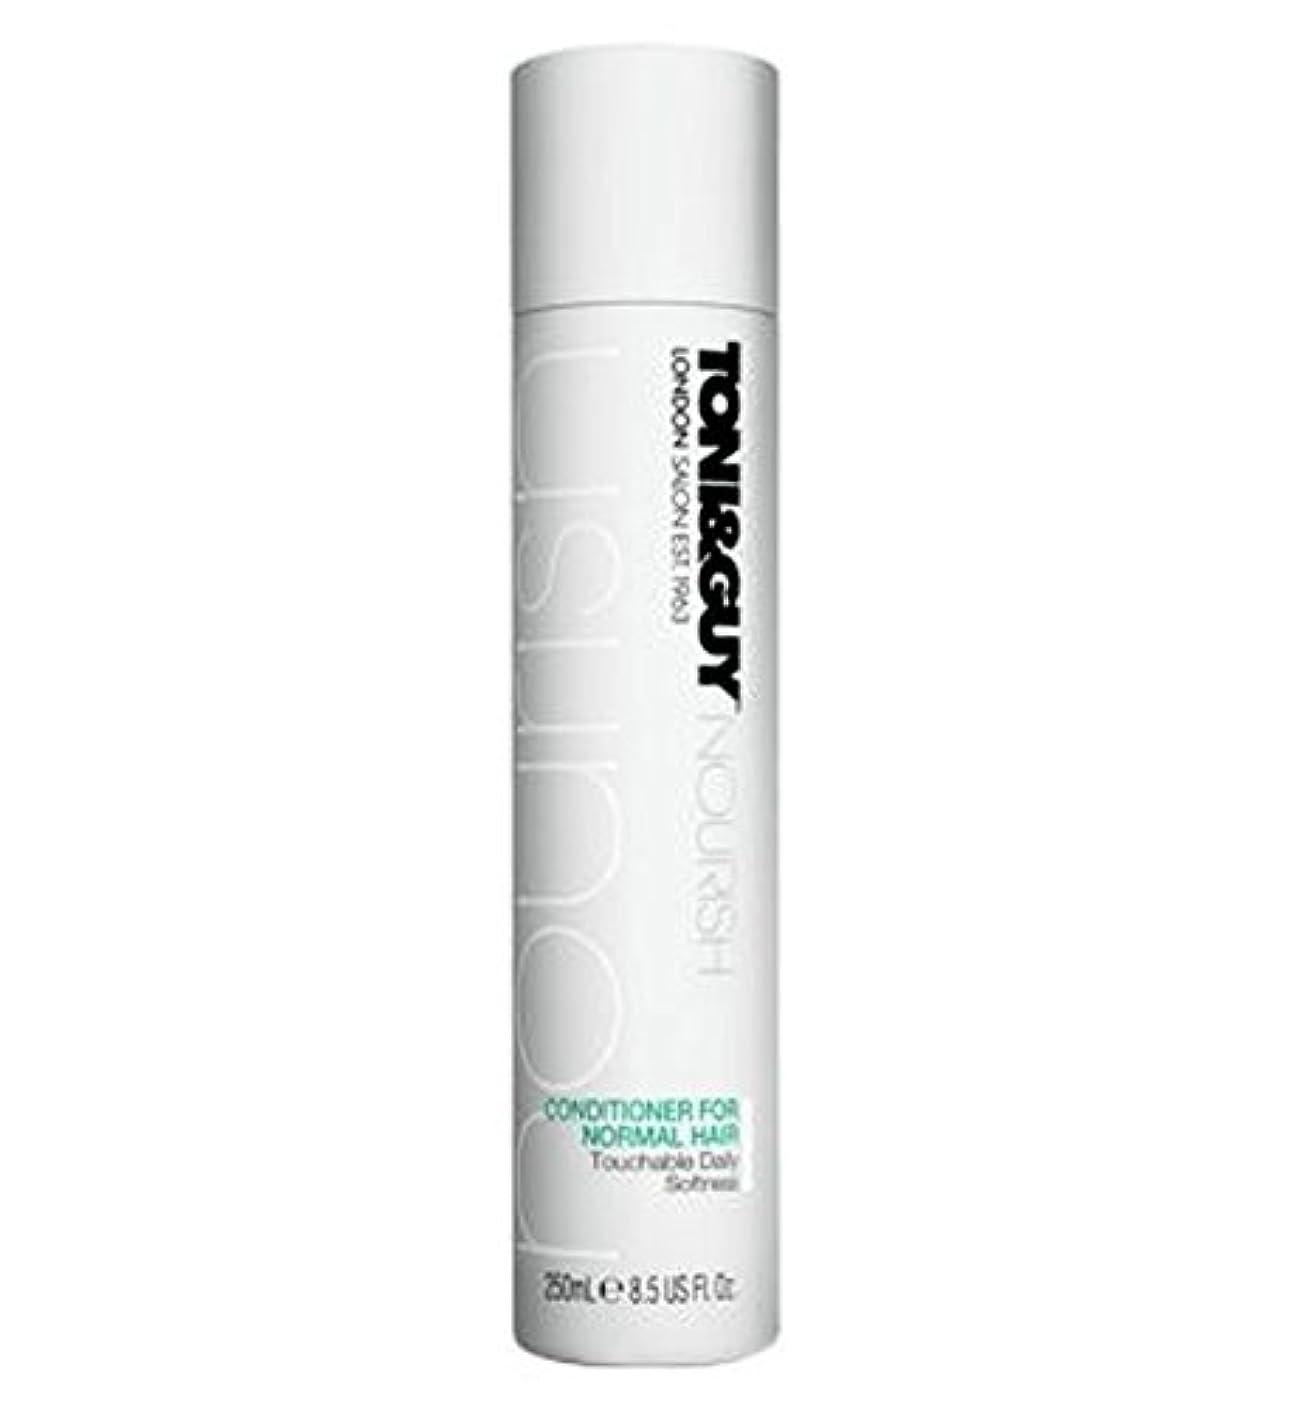 蒸気危険にさらされているフェローシップToni&Guy Conditioner for Normal Hair 250ml - ノーマルヘア250ミリリットルのためのトニ&男コンディショナー (Toni & Guy) [並行輸入品]